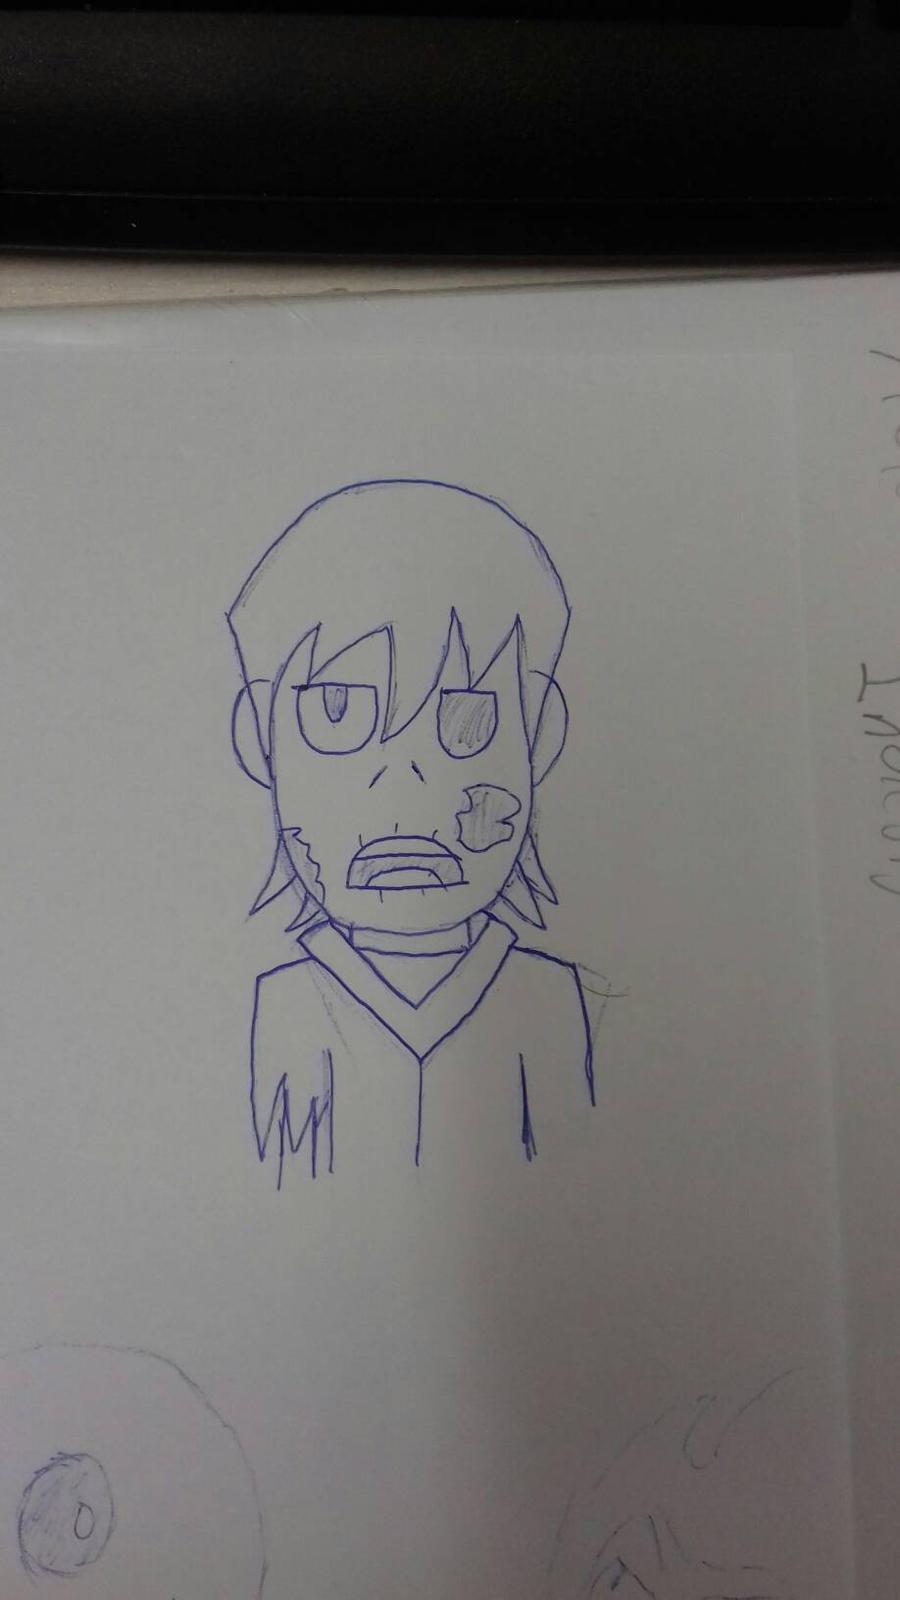 Random zombie by Petrus-C-Visagie